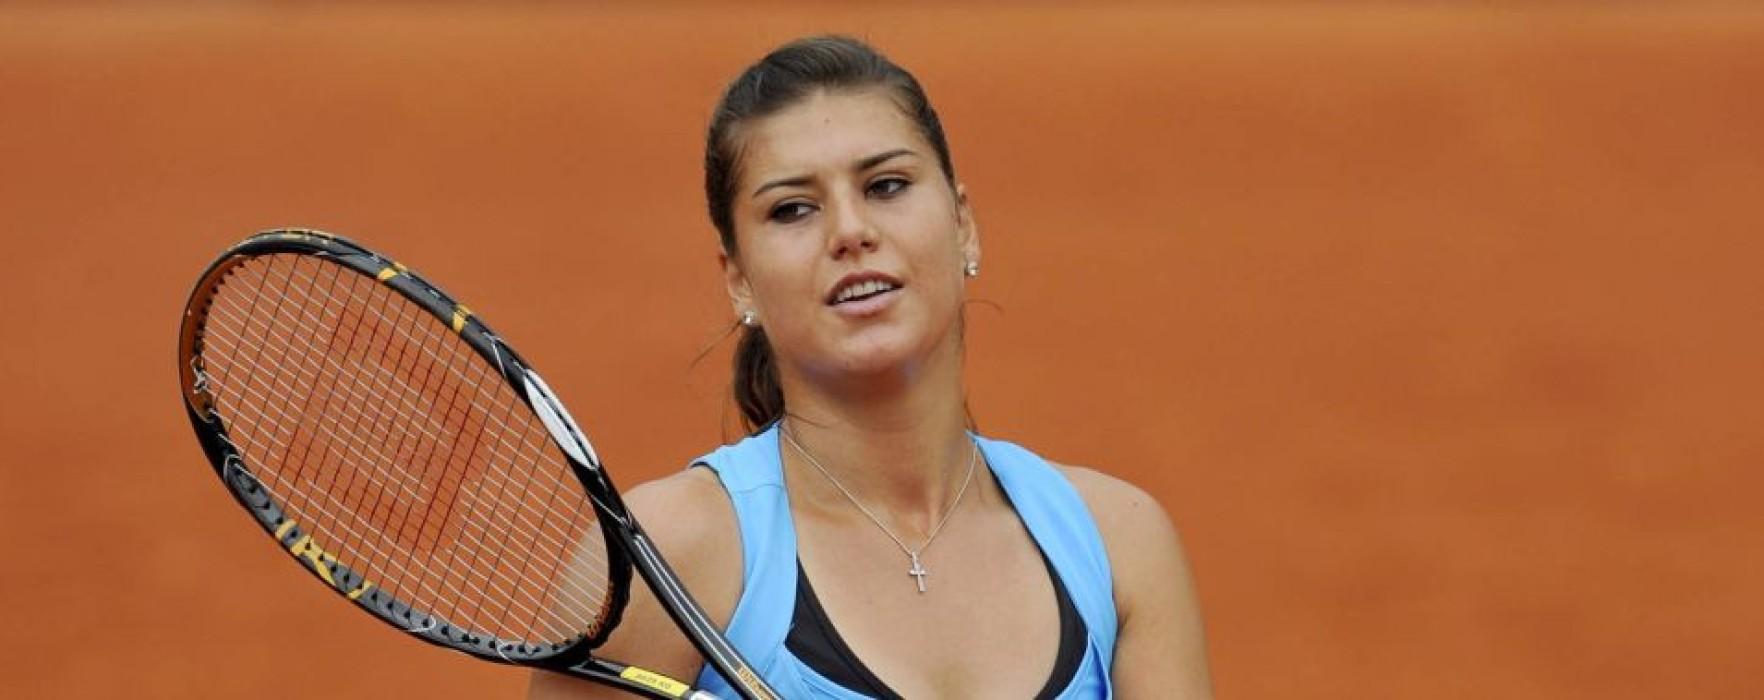 Tenis: Sorana Cîrstea s-a calificat în turul 2 la US Open